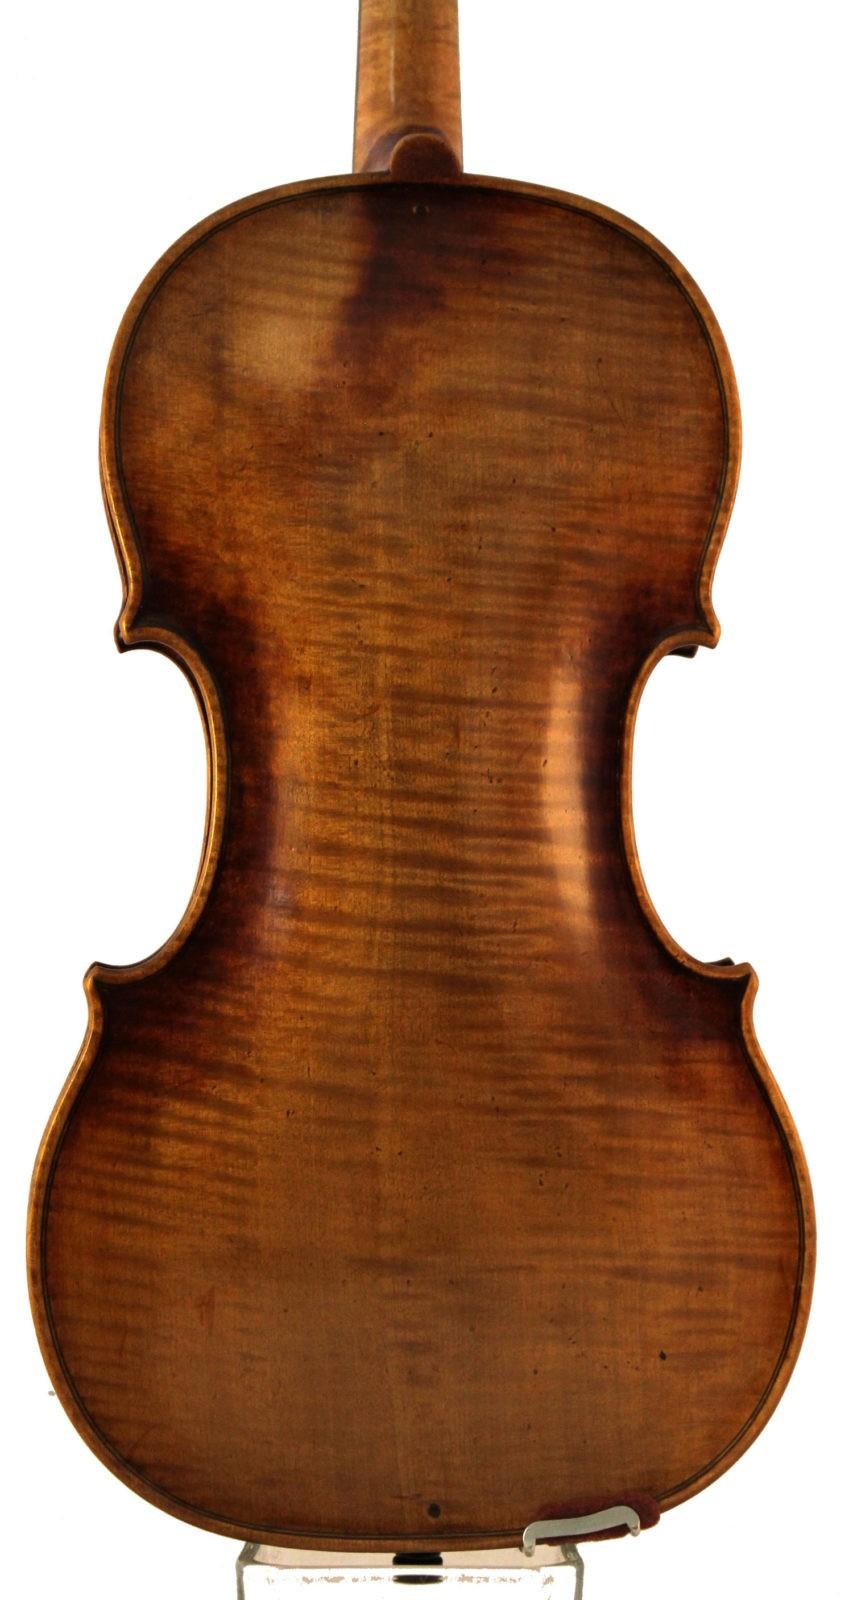 Albin O Schmidt violin back